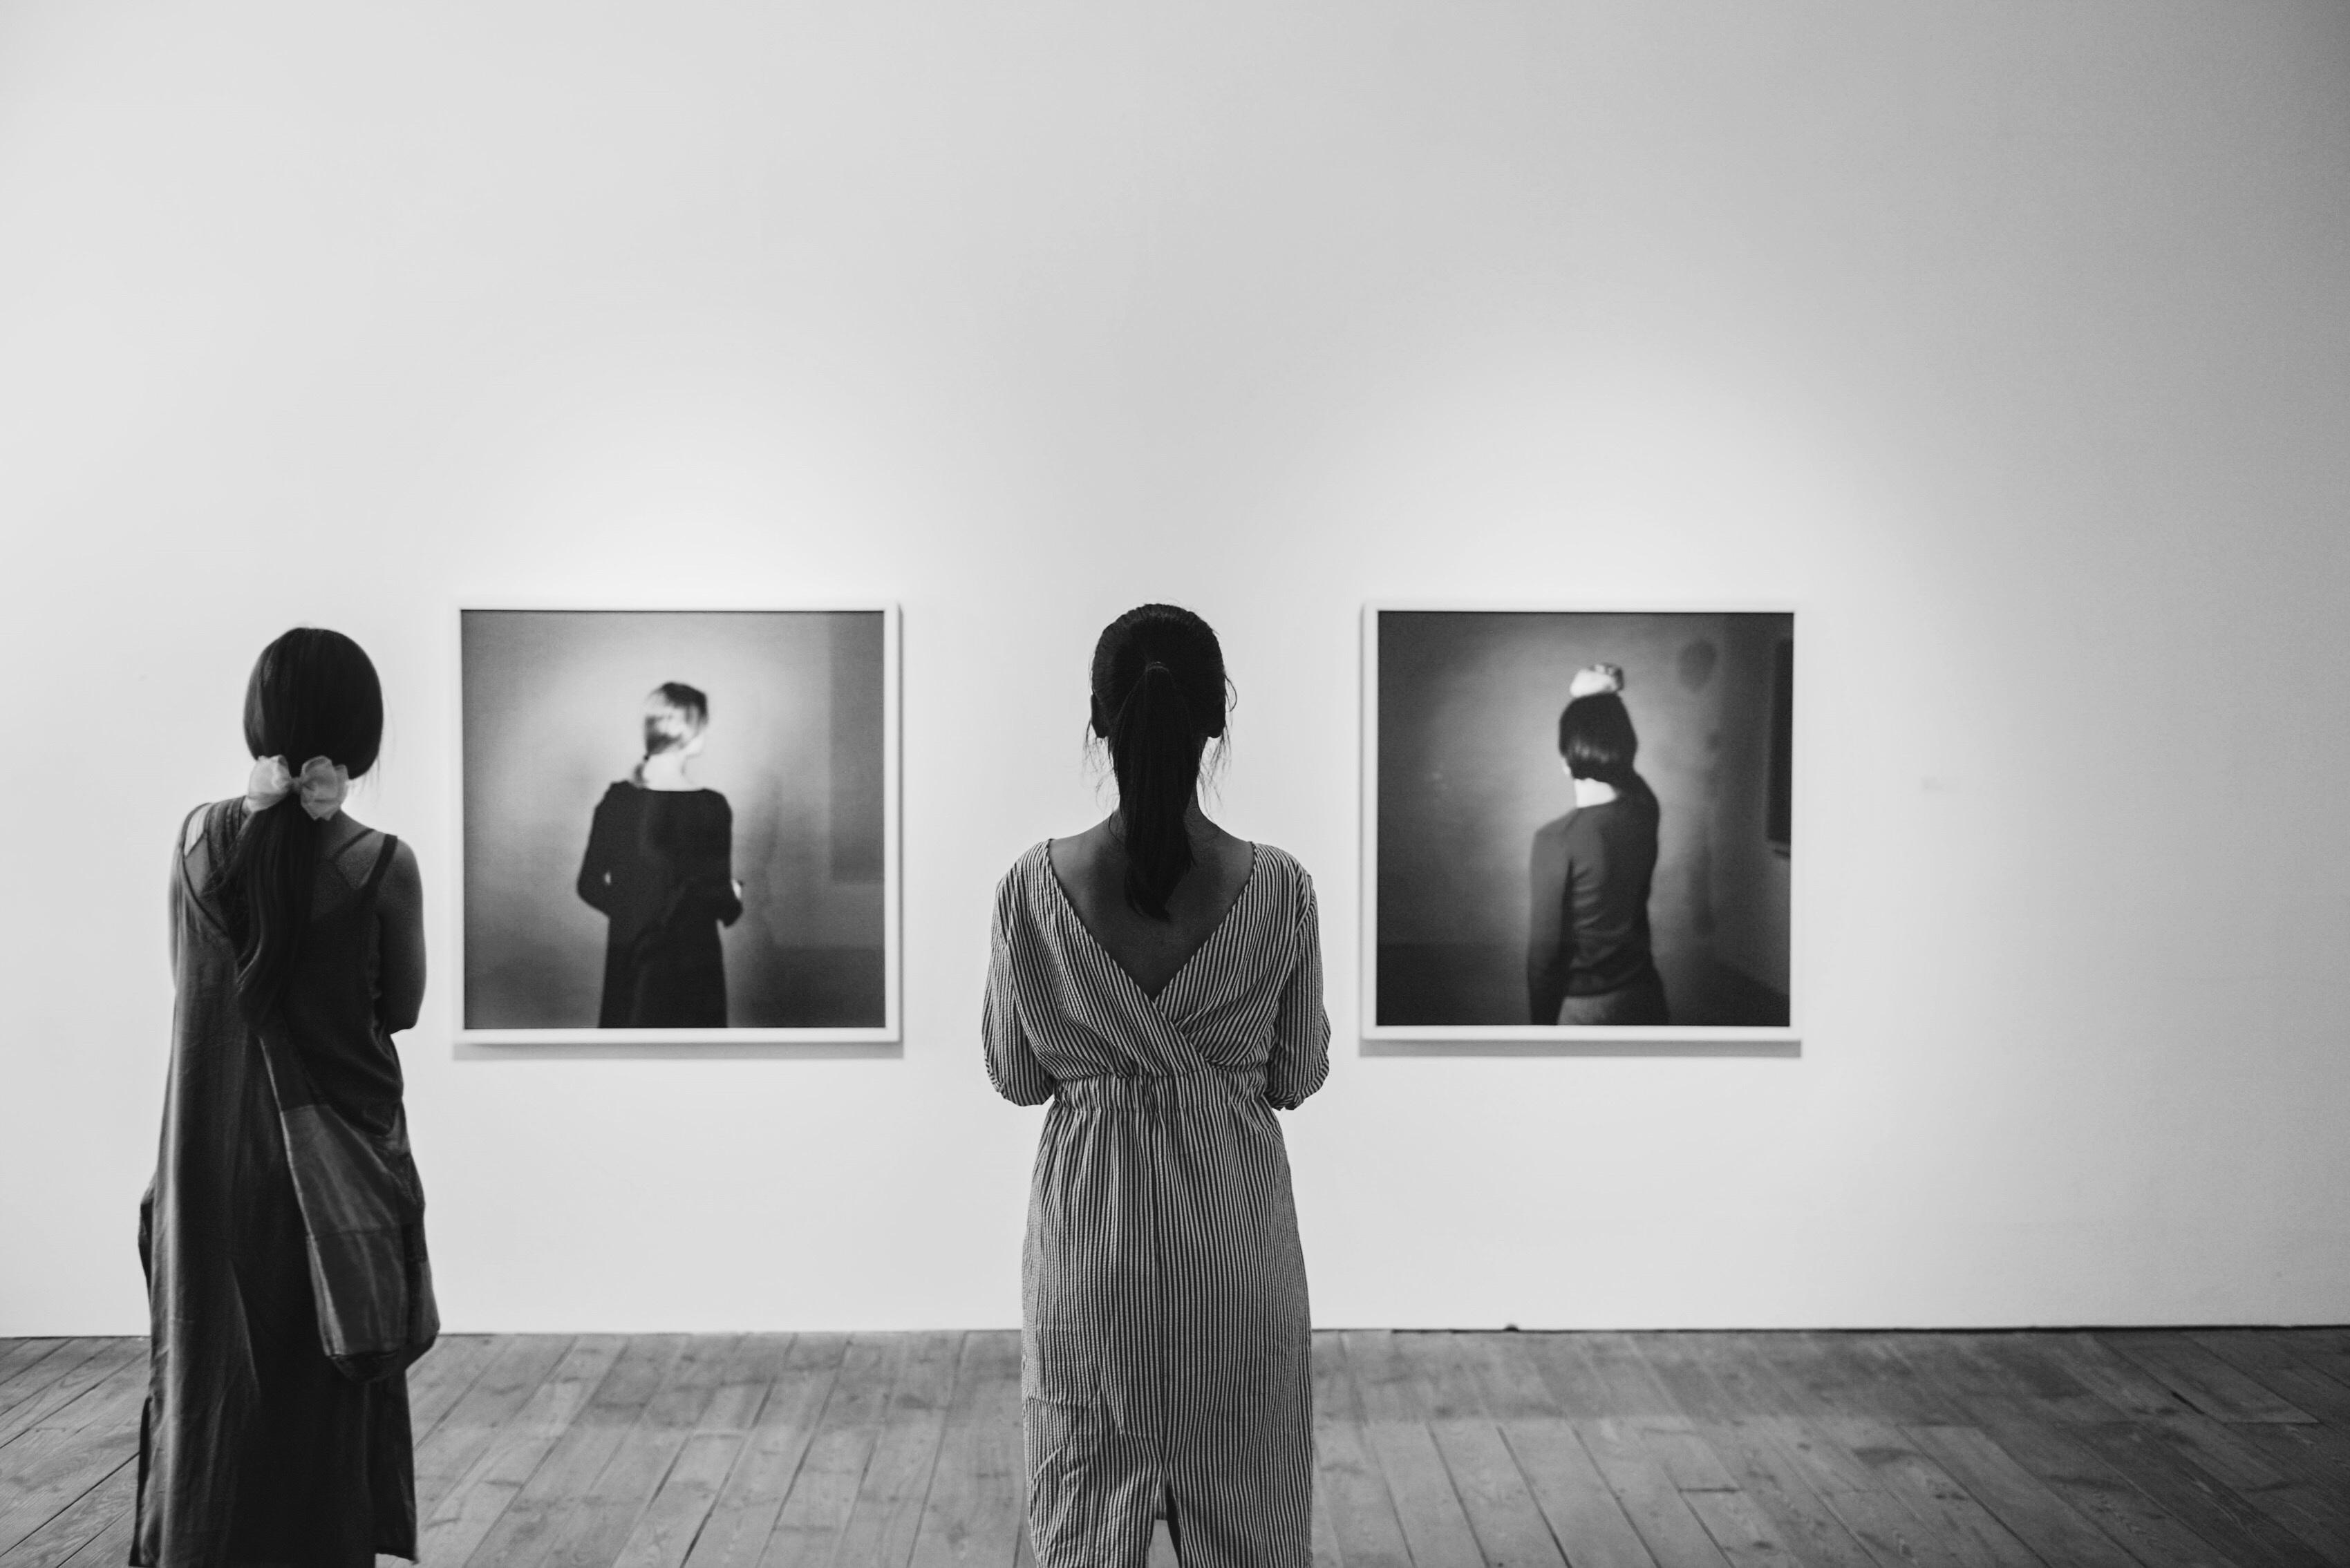 Moderne Kunst Bilder Schwarz Weiss ~ Schwarz weiss schwarz weiss with schwarz weiss schwarz weiss